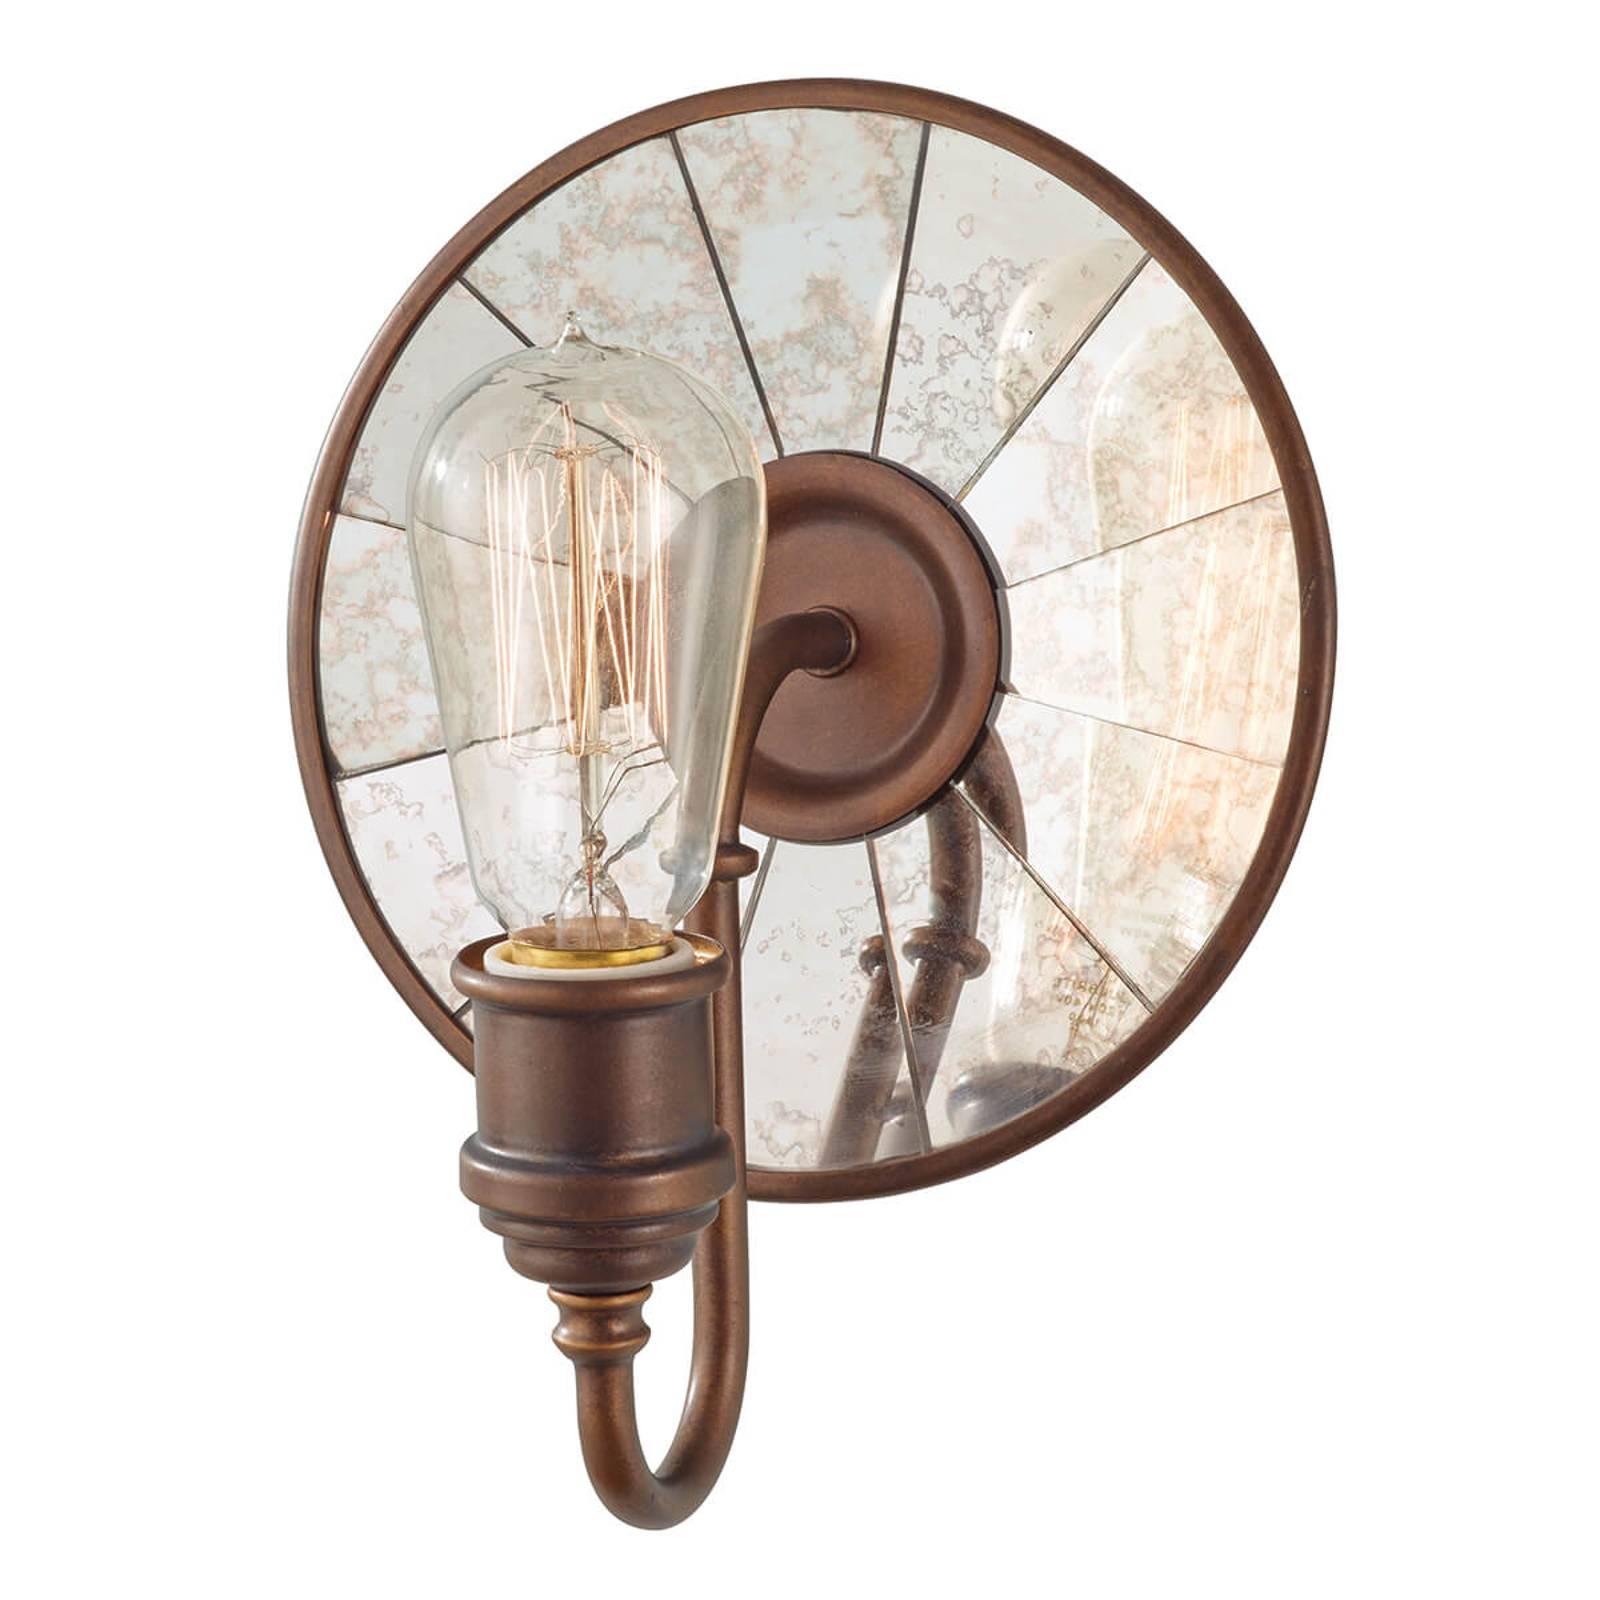 Wandlamp Urban Renewal met spiegelglas in brons